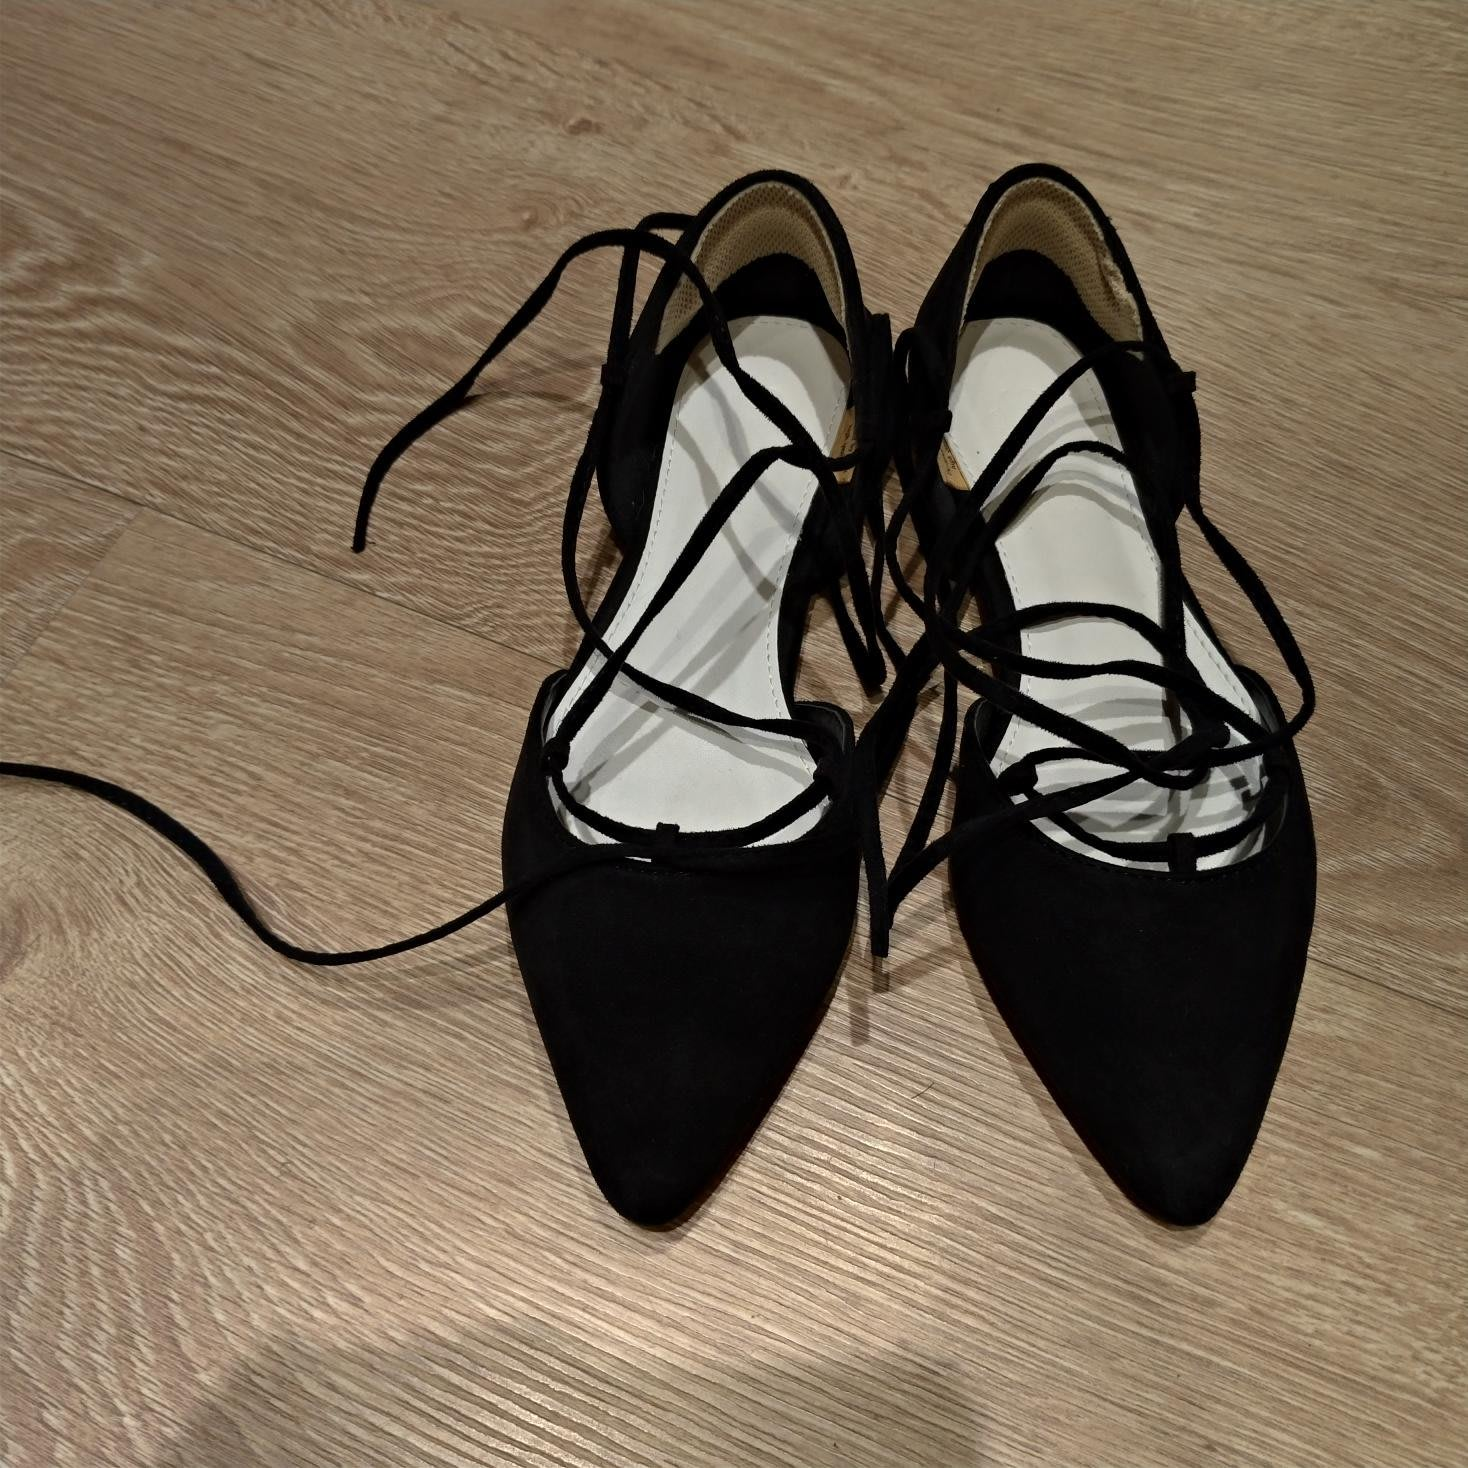 [綁帶鞋] fm shoes 時尚綁帶尖頭平底包鞋 / 羅馬鞋